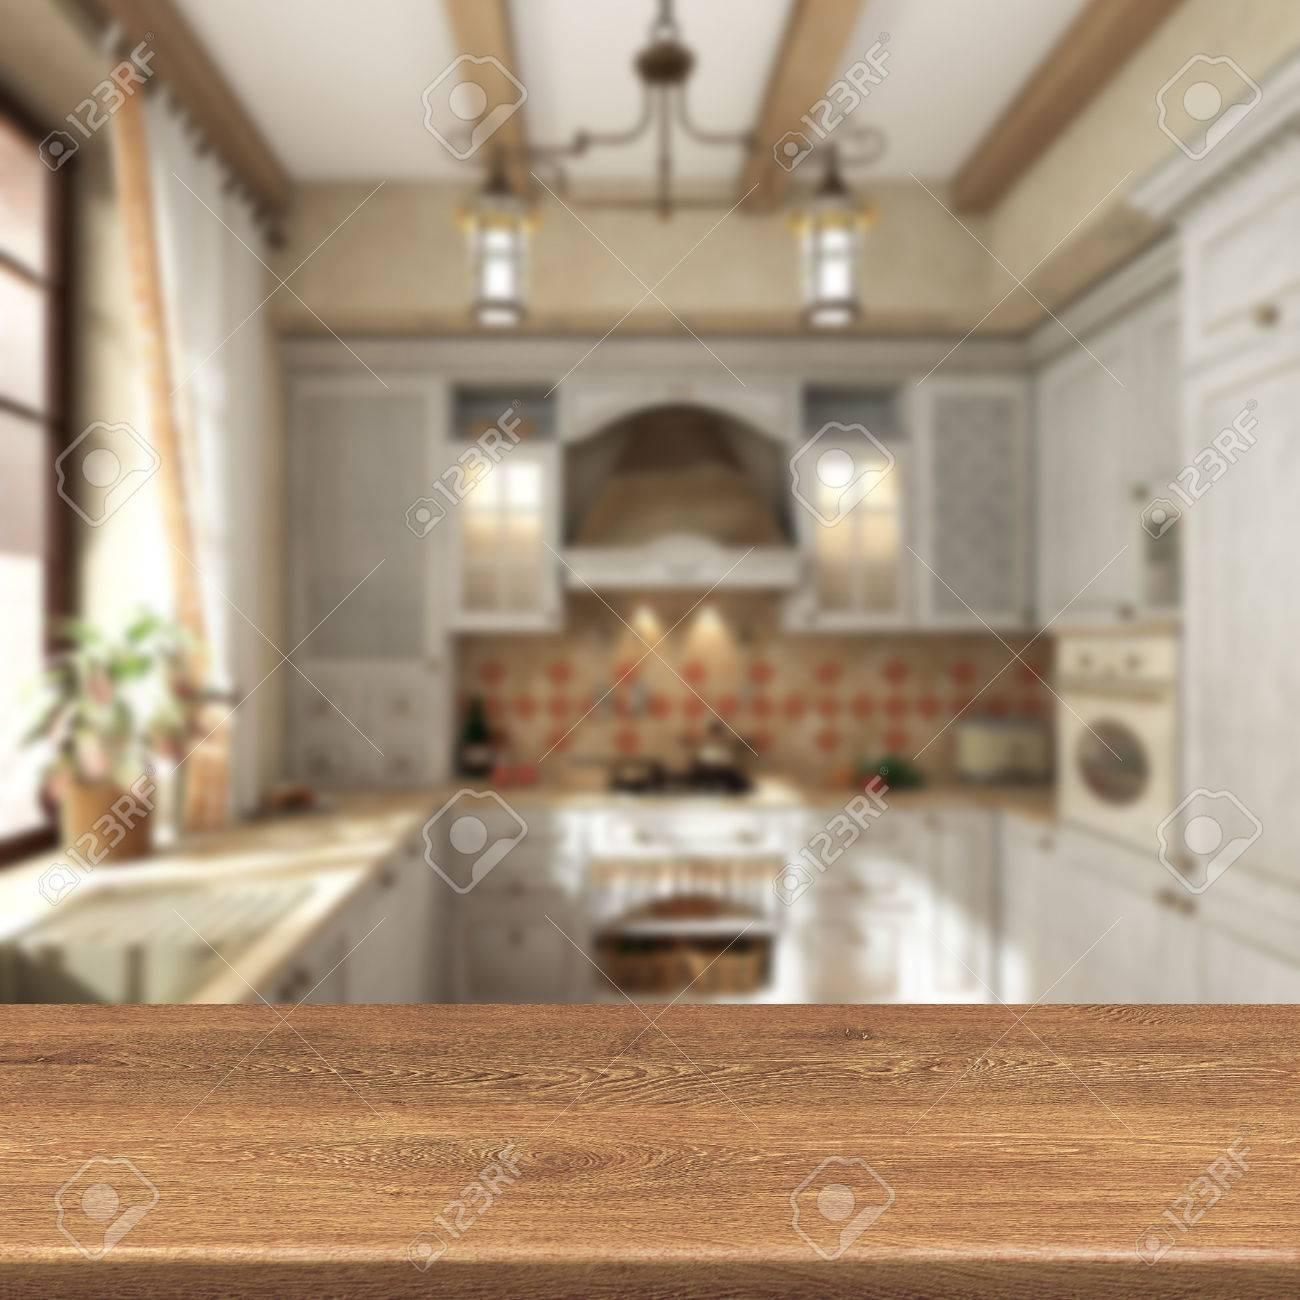 Retro De La Cocina, Mesa De Madera Sobre Fondo Borroso Para La ...